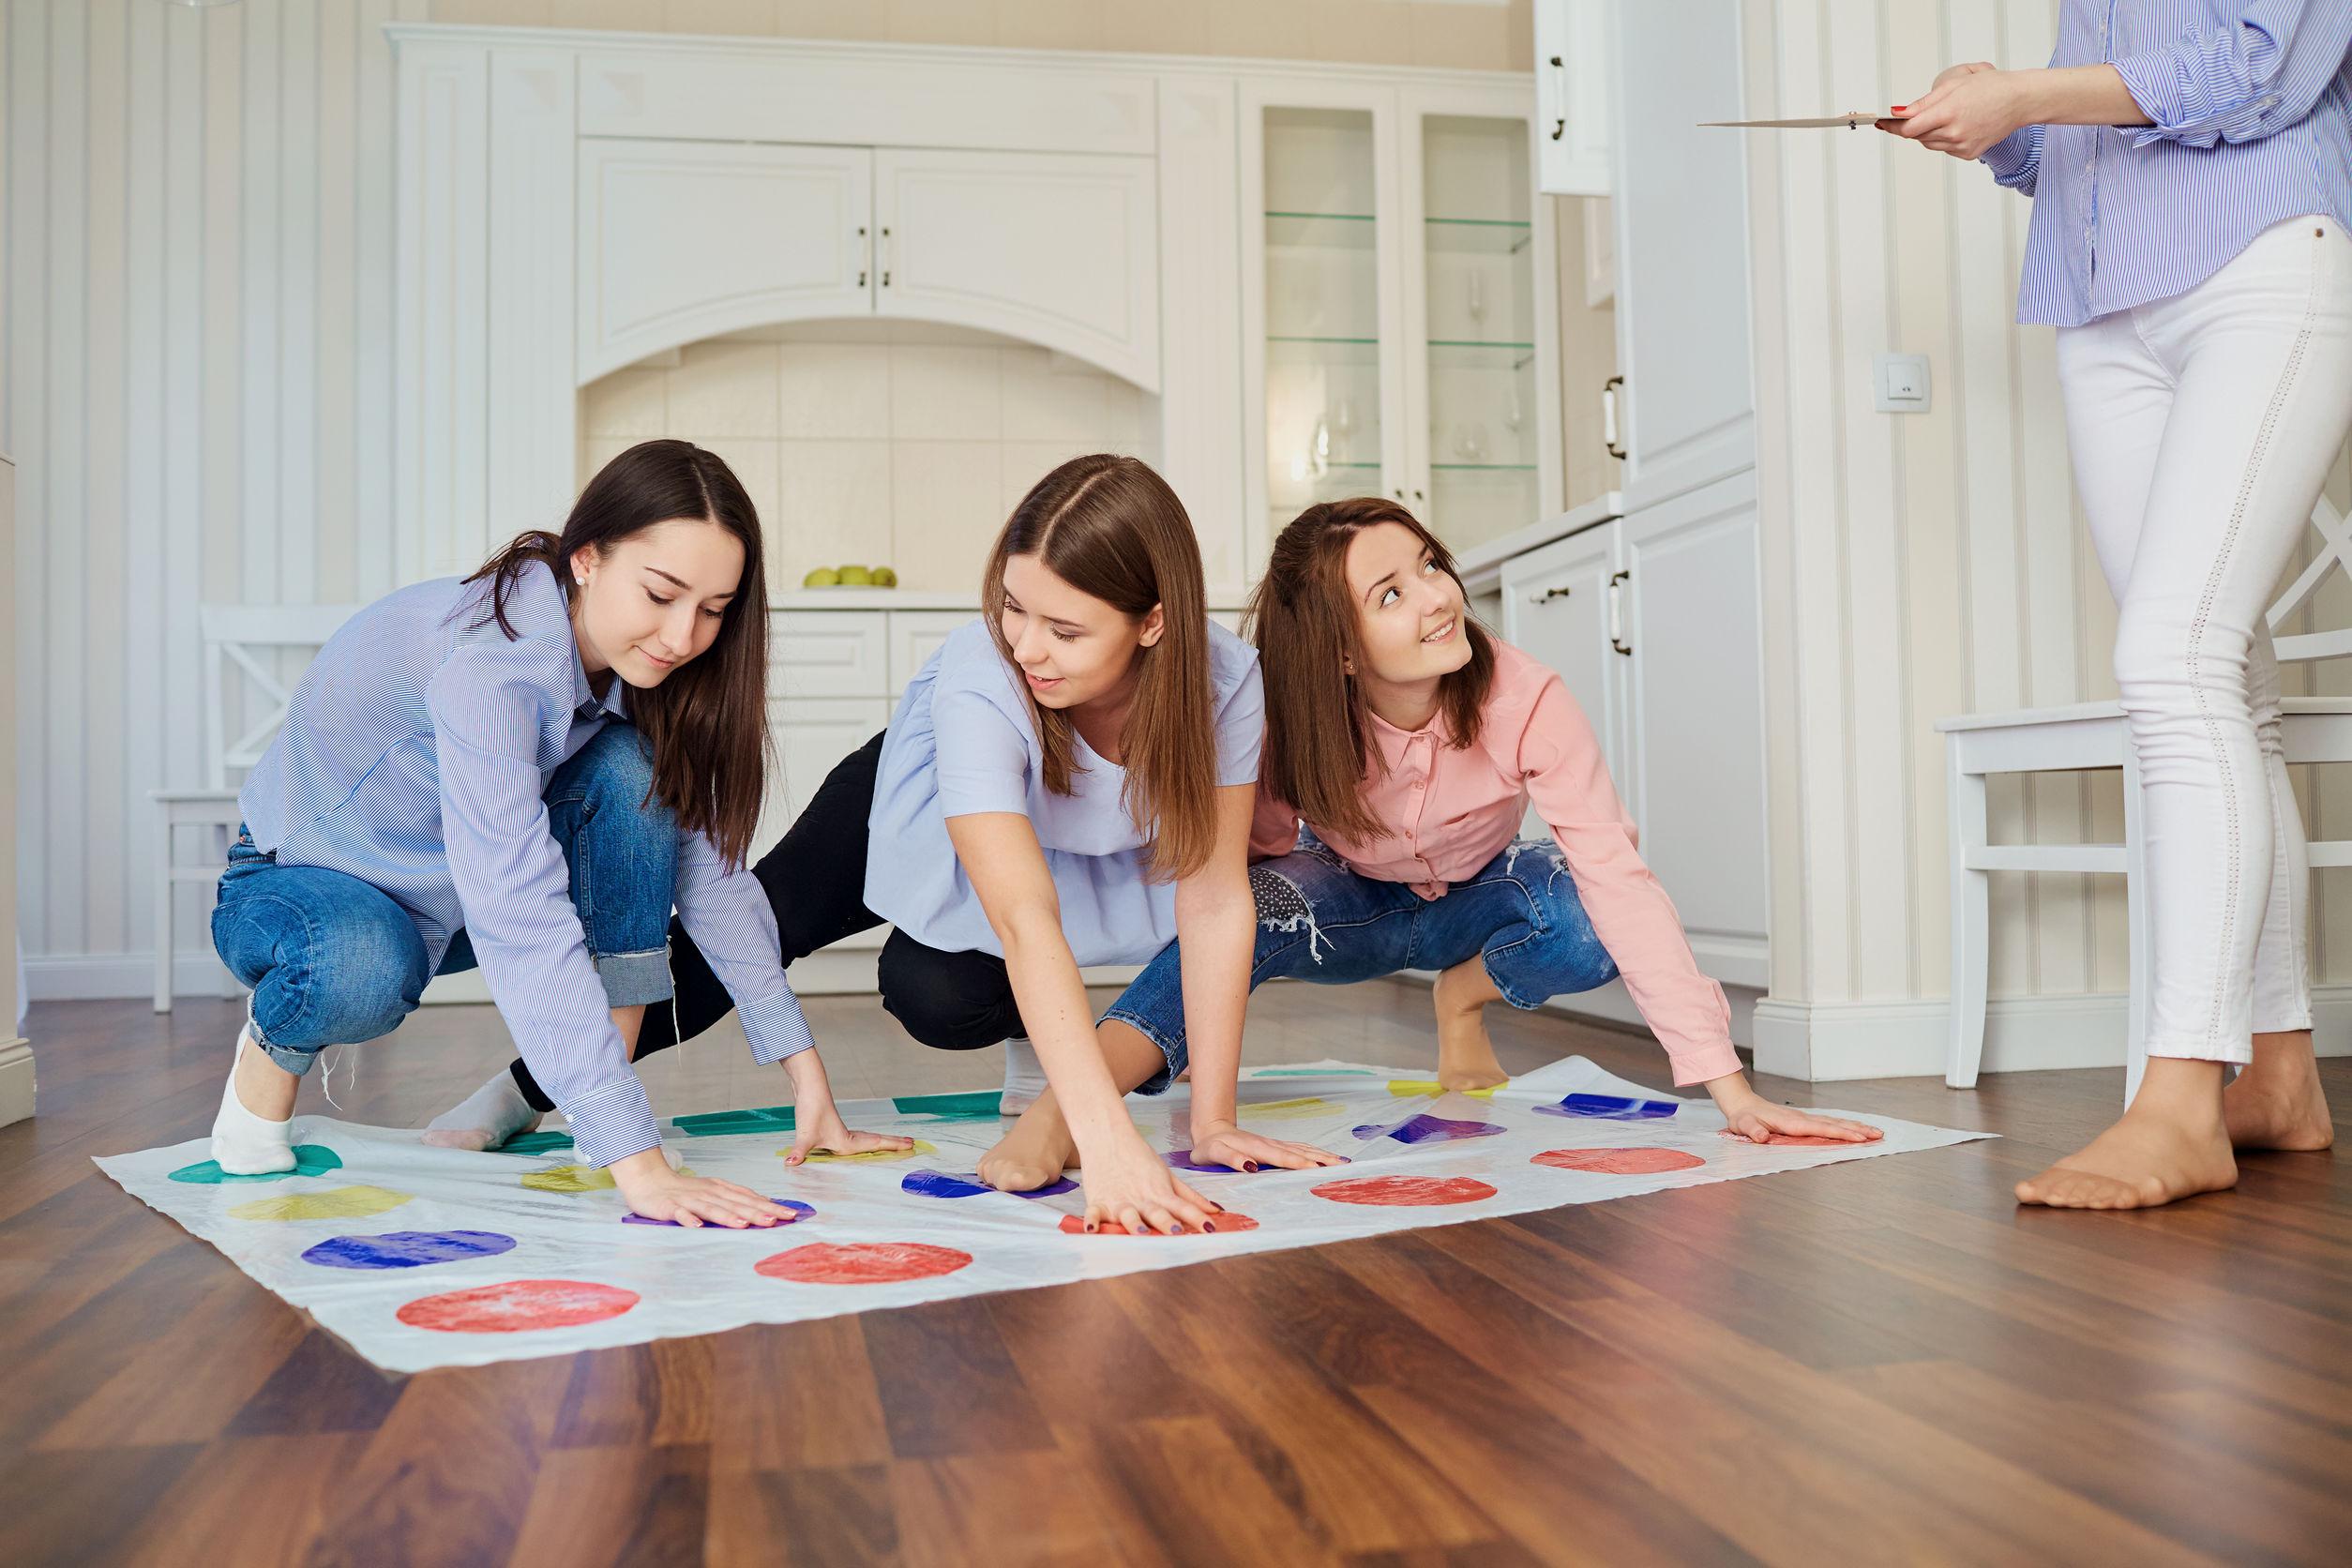 Imagem mostra quatro amigas jogando twister, três no tapete e uma de pé, no comando.